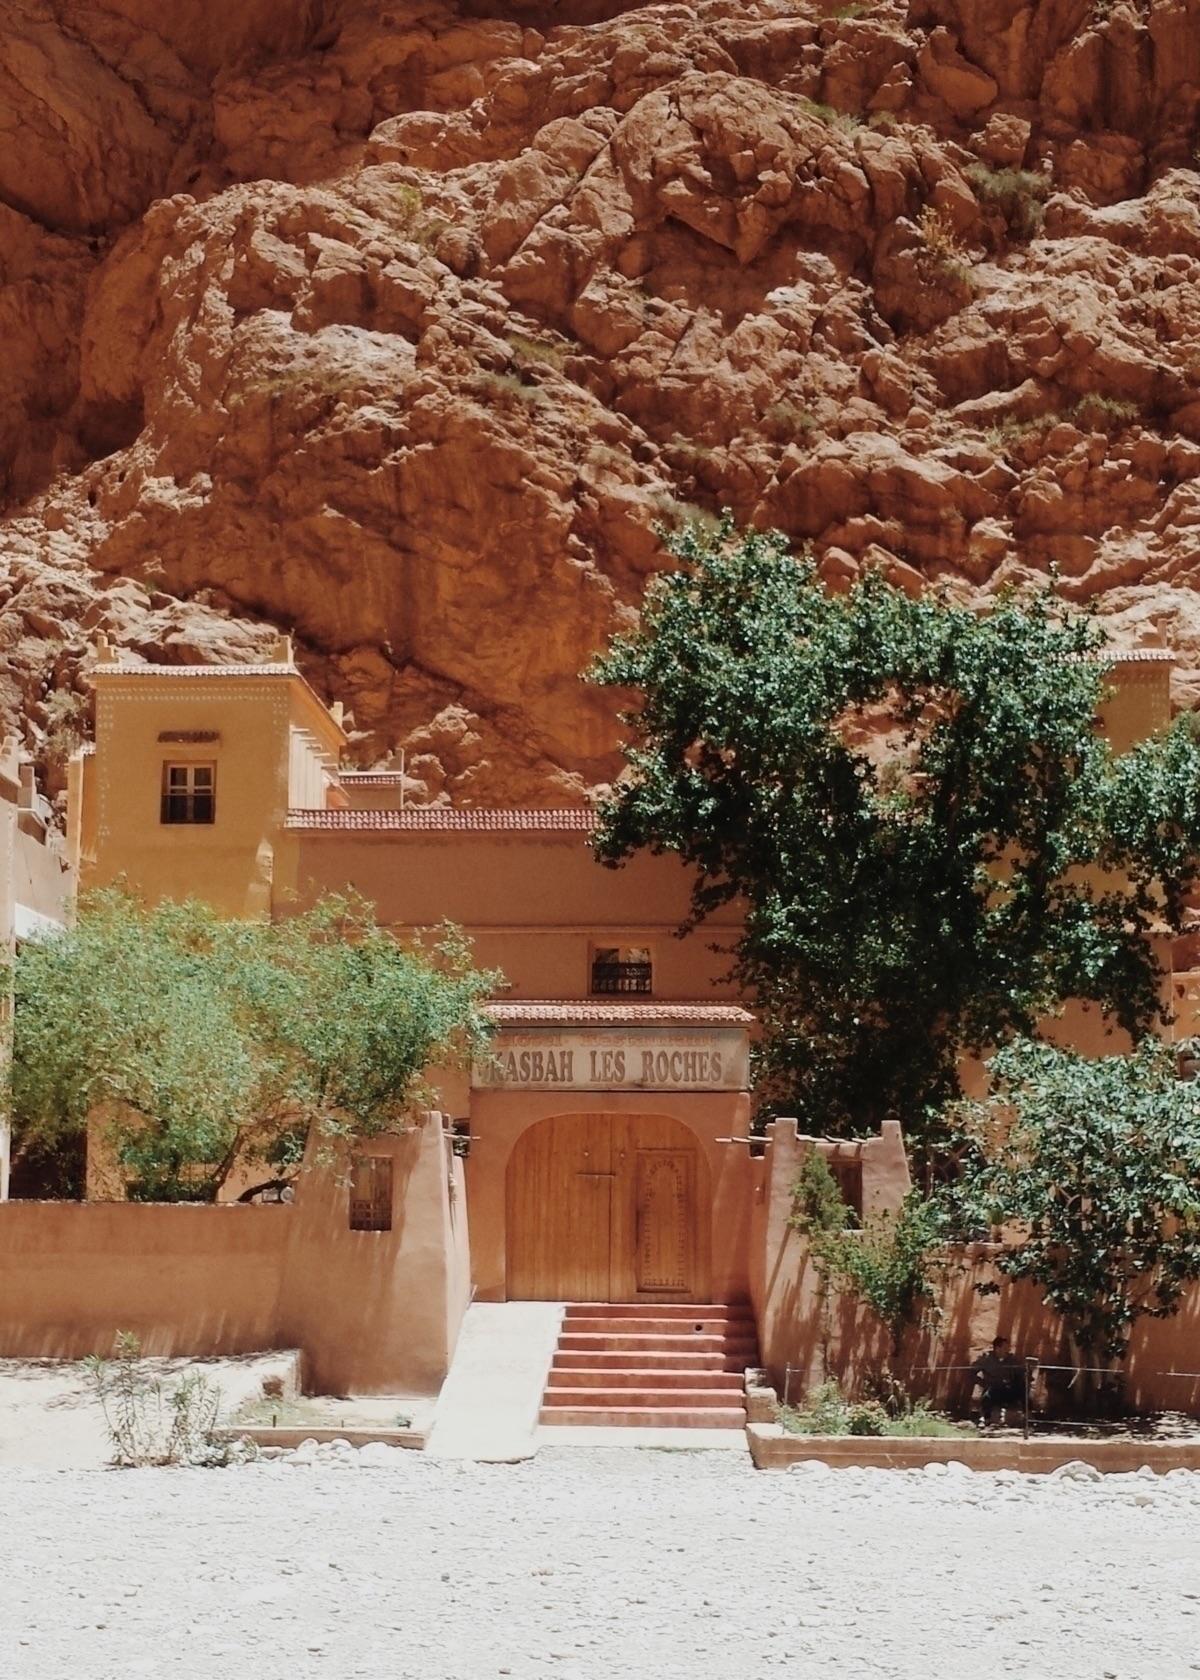 Les Roches - Morocco, kasbah, roches - lapremioqueen | ello